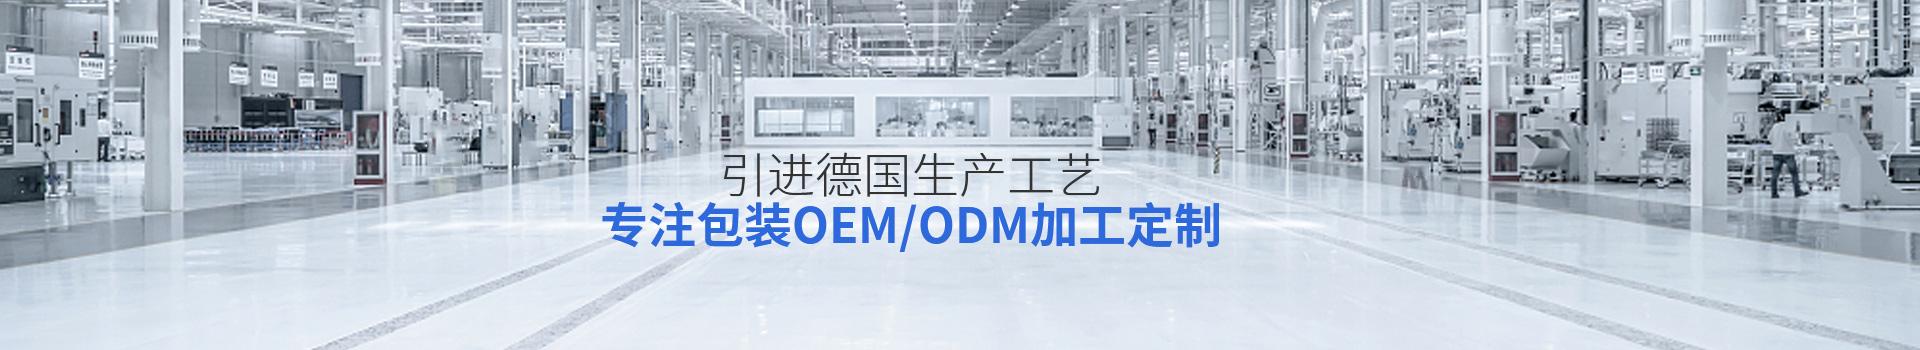 大胜包装-引进德国生产工艺,专注包装OEM/ODM加工定制